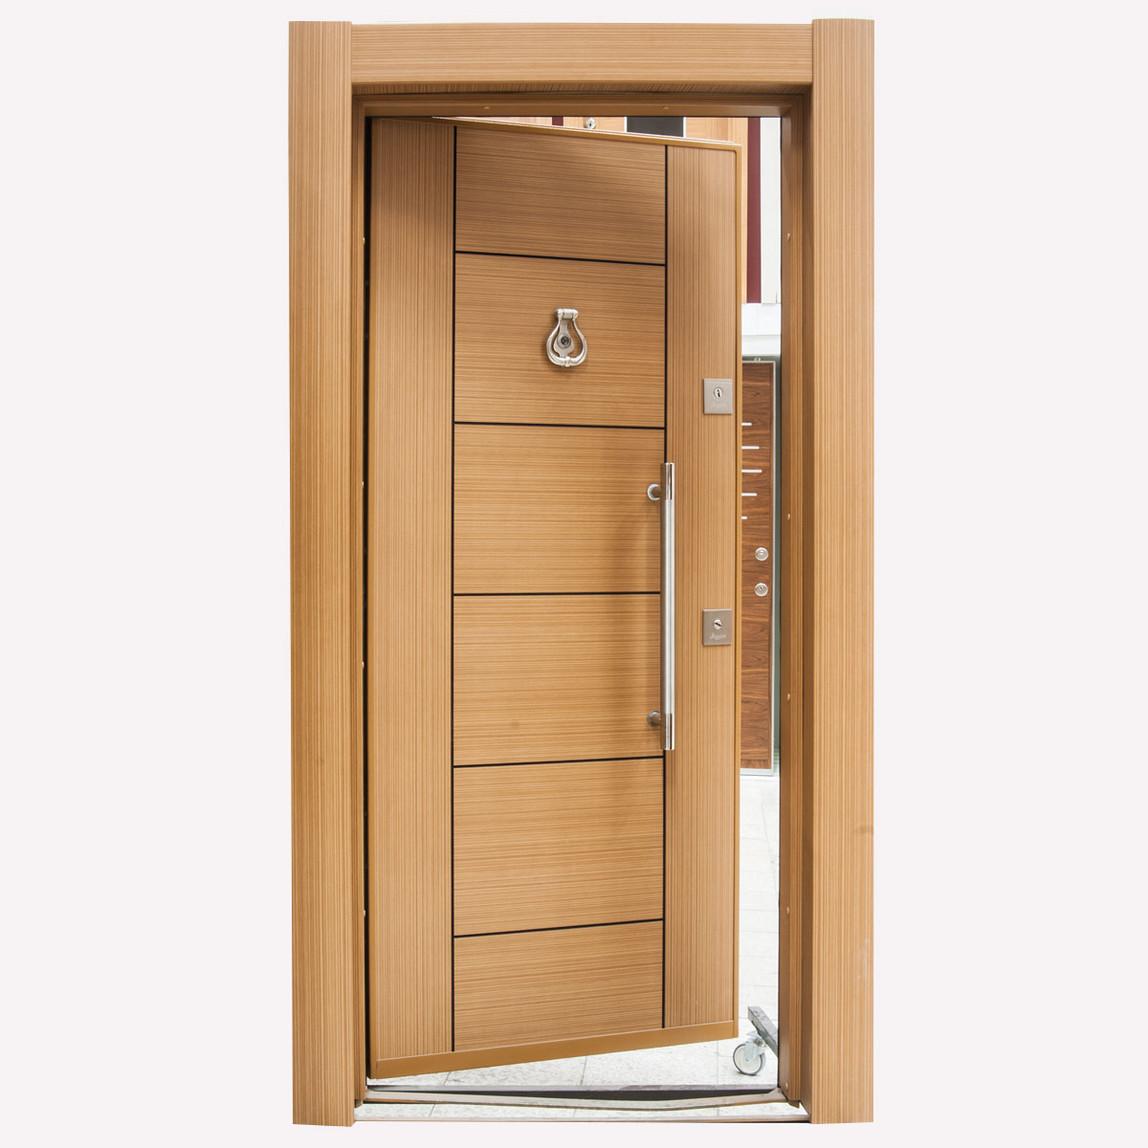 KY210 Zümrüt Serisi Çelik Kapı Sağ Açılım